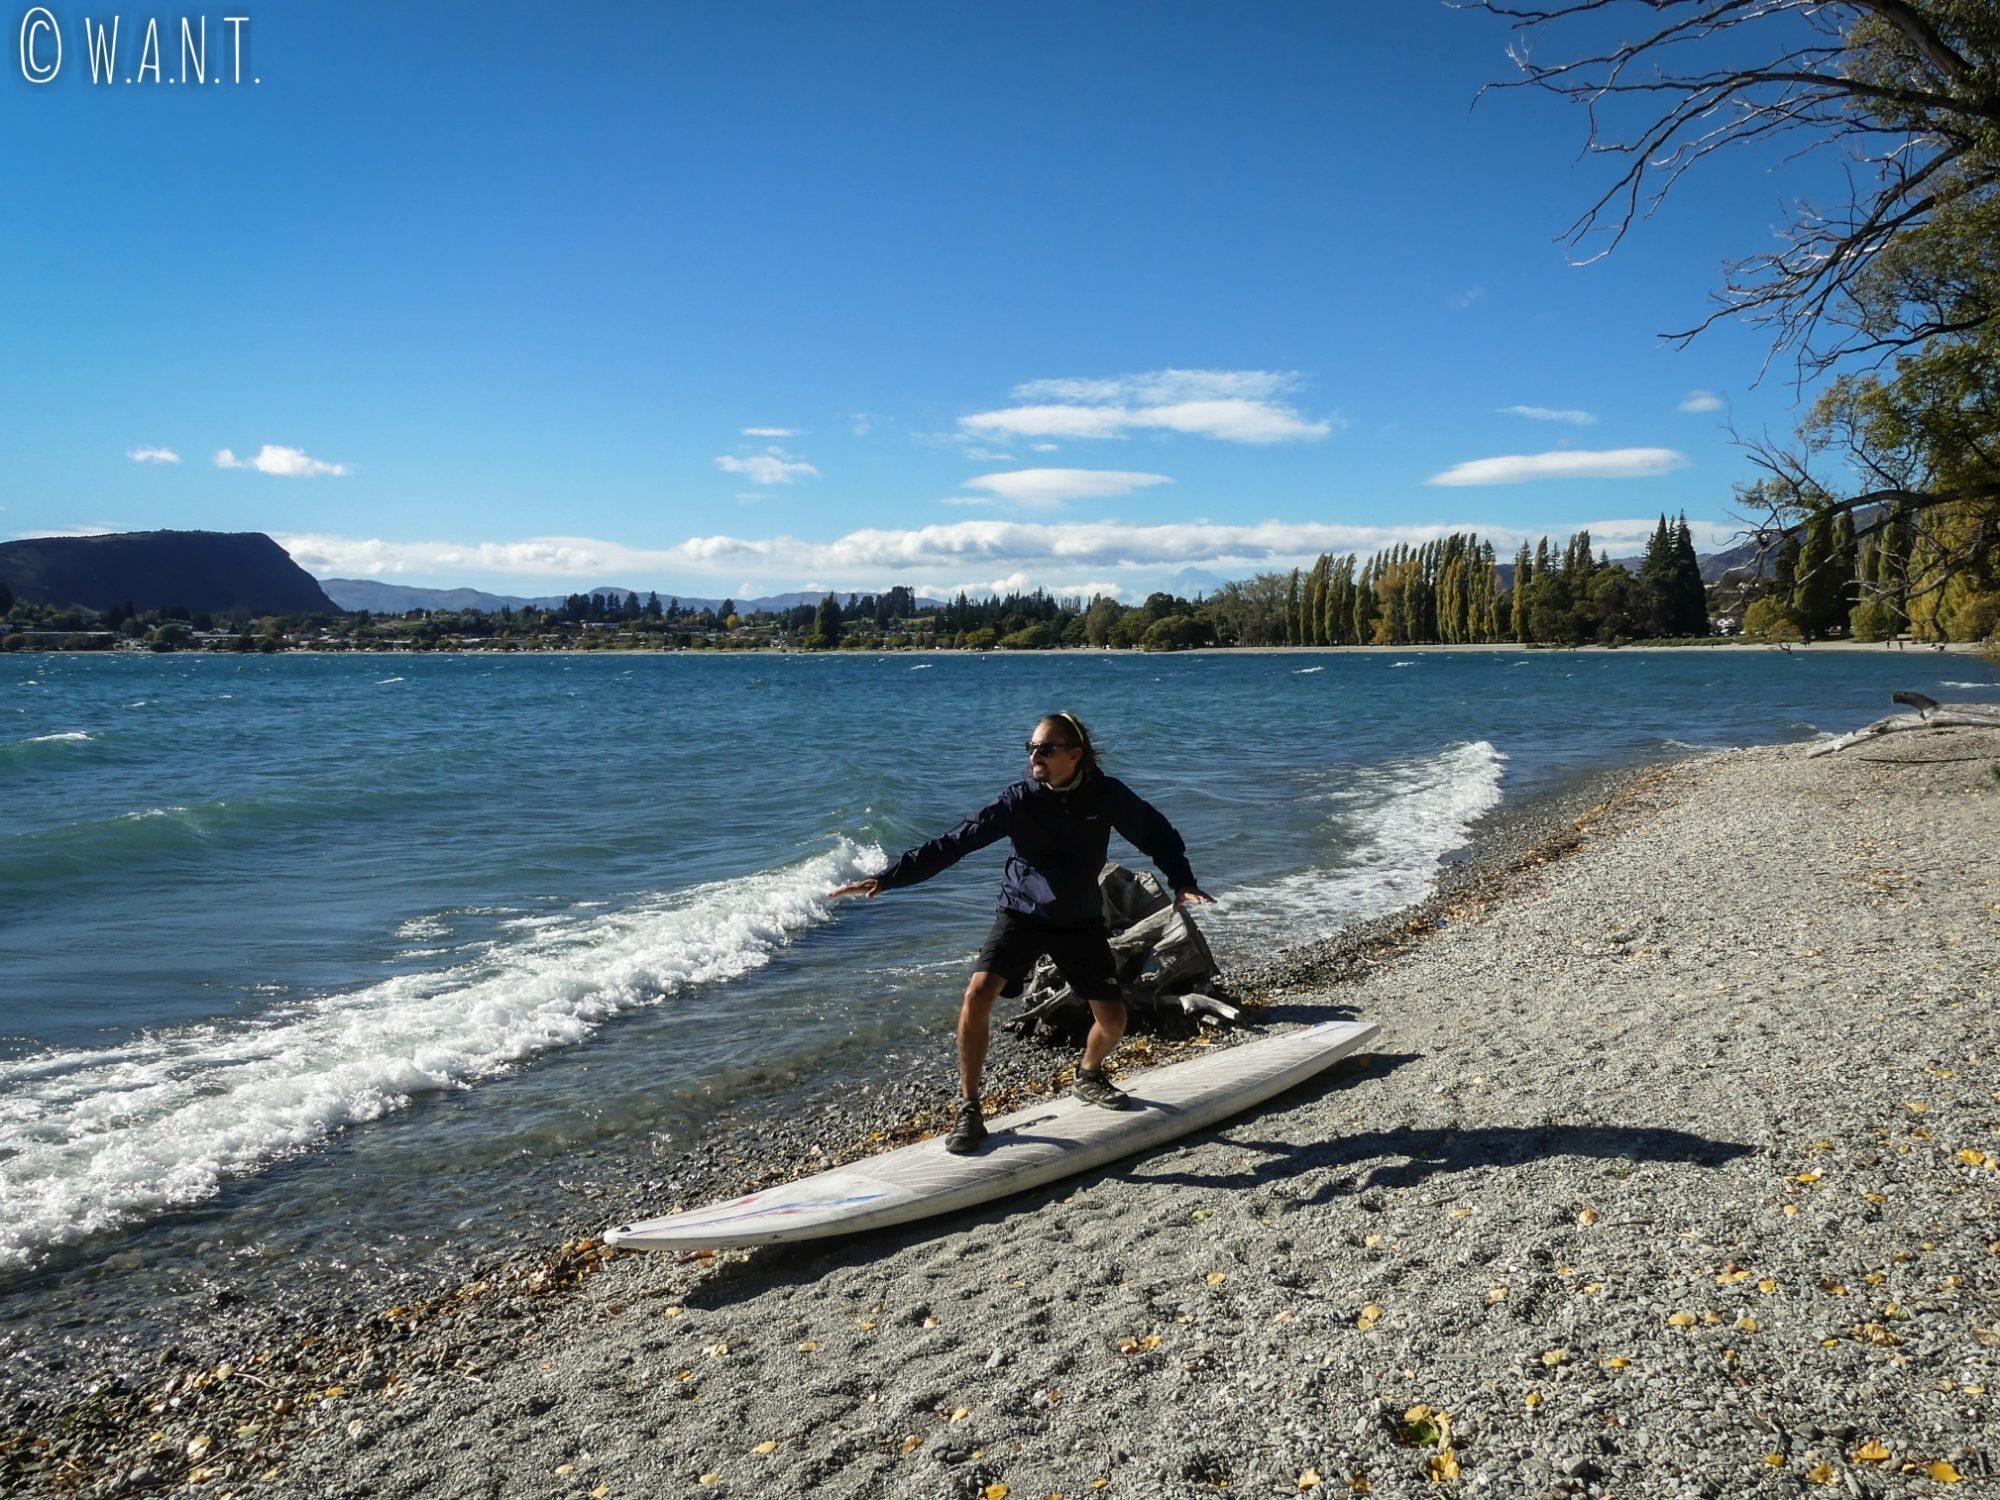 Benjamin se verrait bien surfer sur les eaux du lac Wanaka en Nouvelle-Zélande